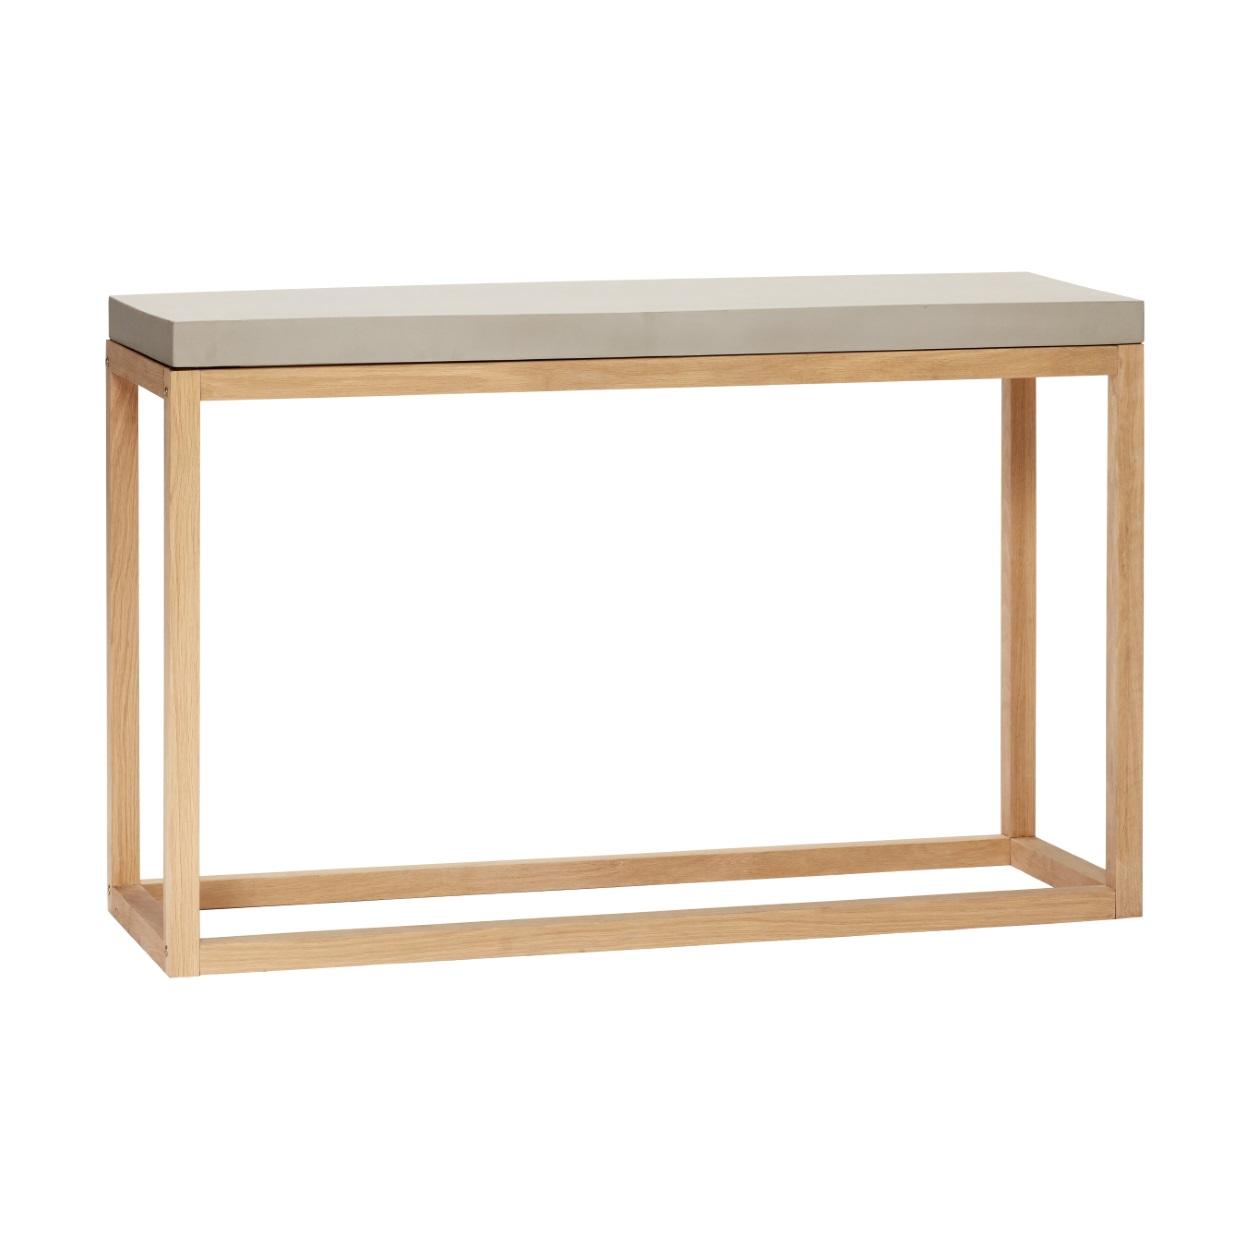 Avlastningsbord betongtopp/ natur, Hubsch